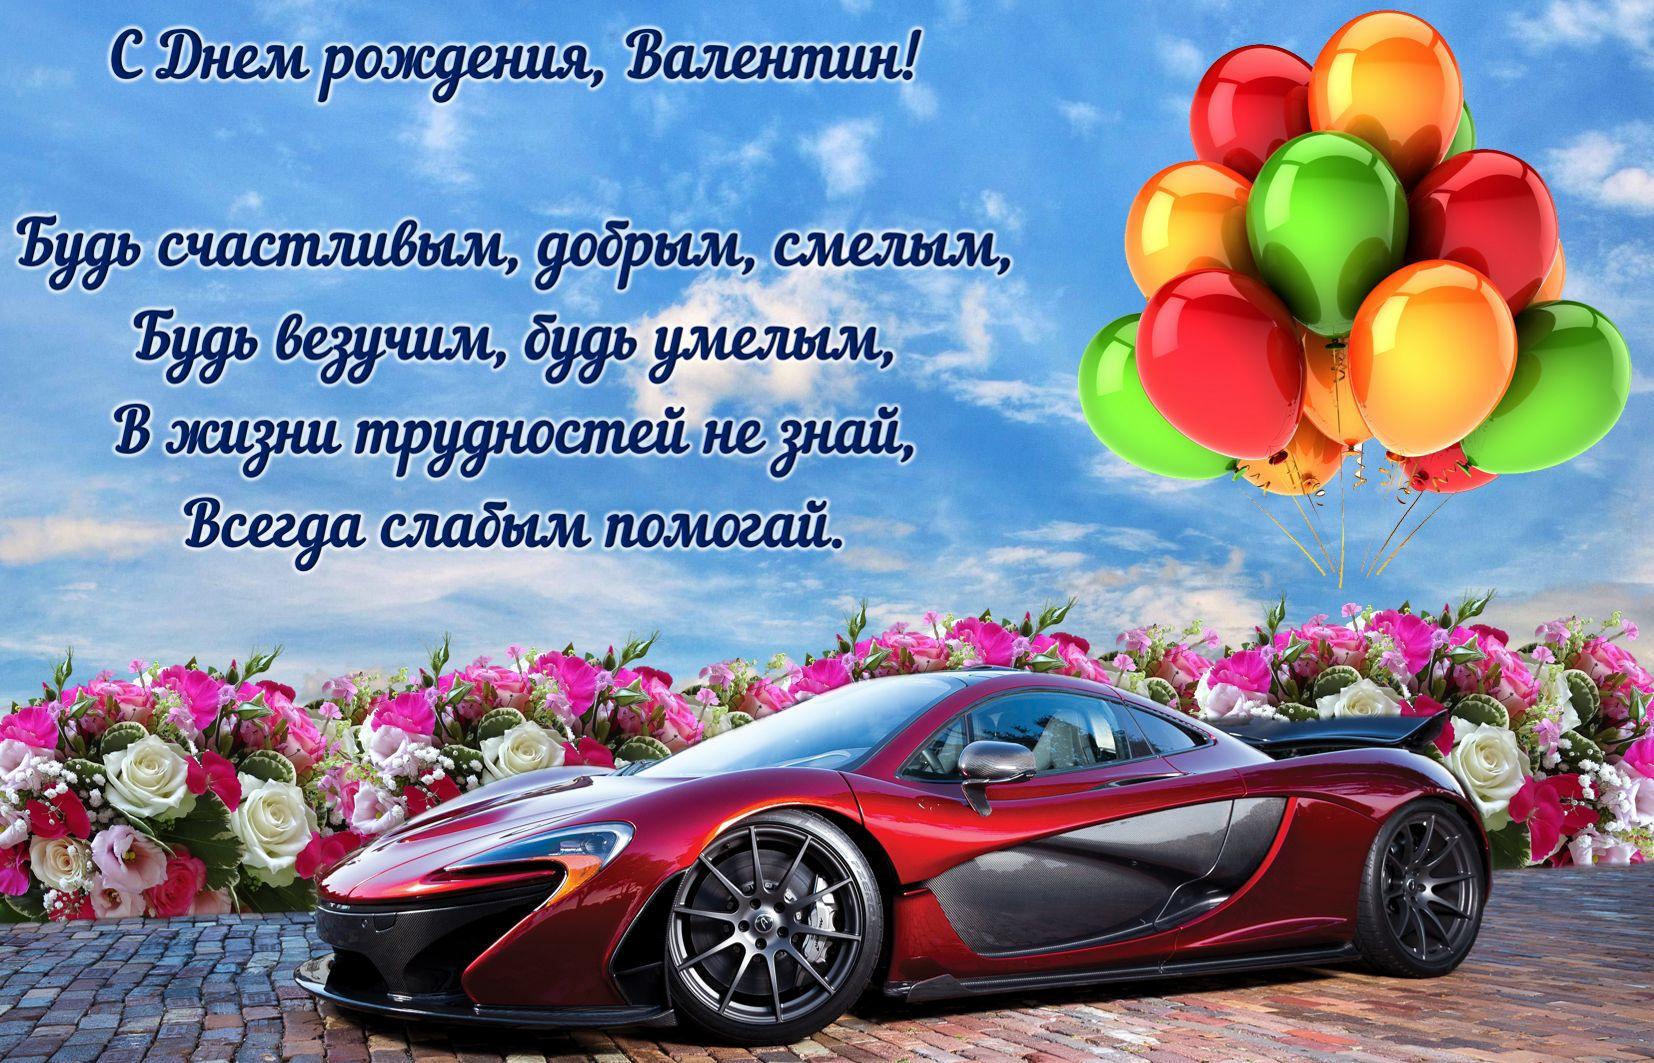 Открытка - красивая машина Валентину к Дню рождения